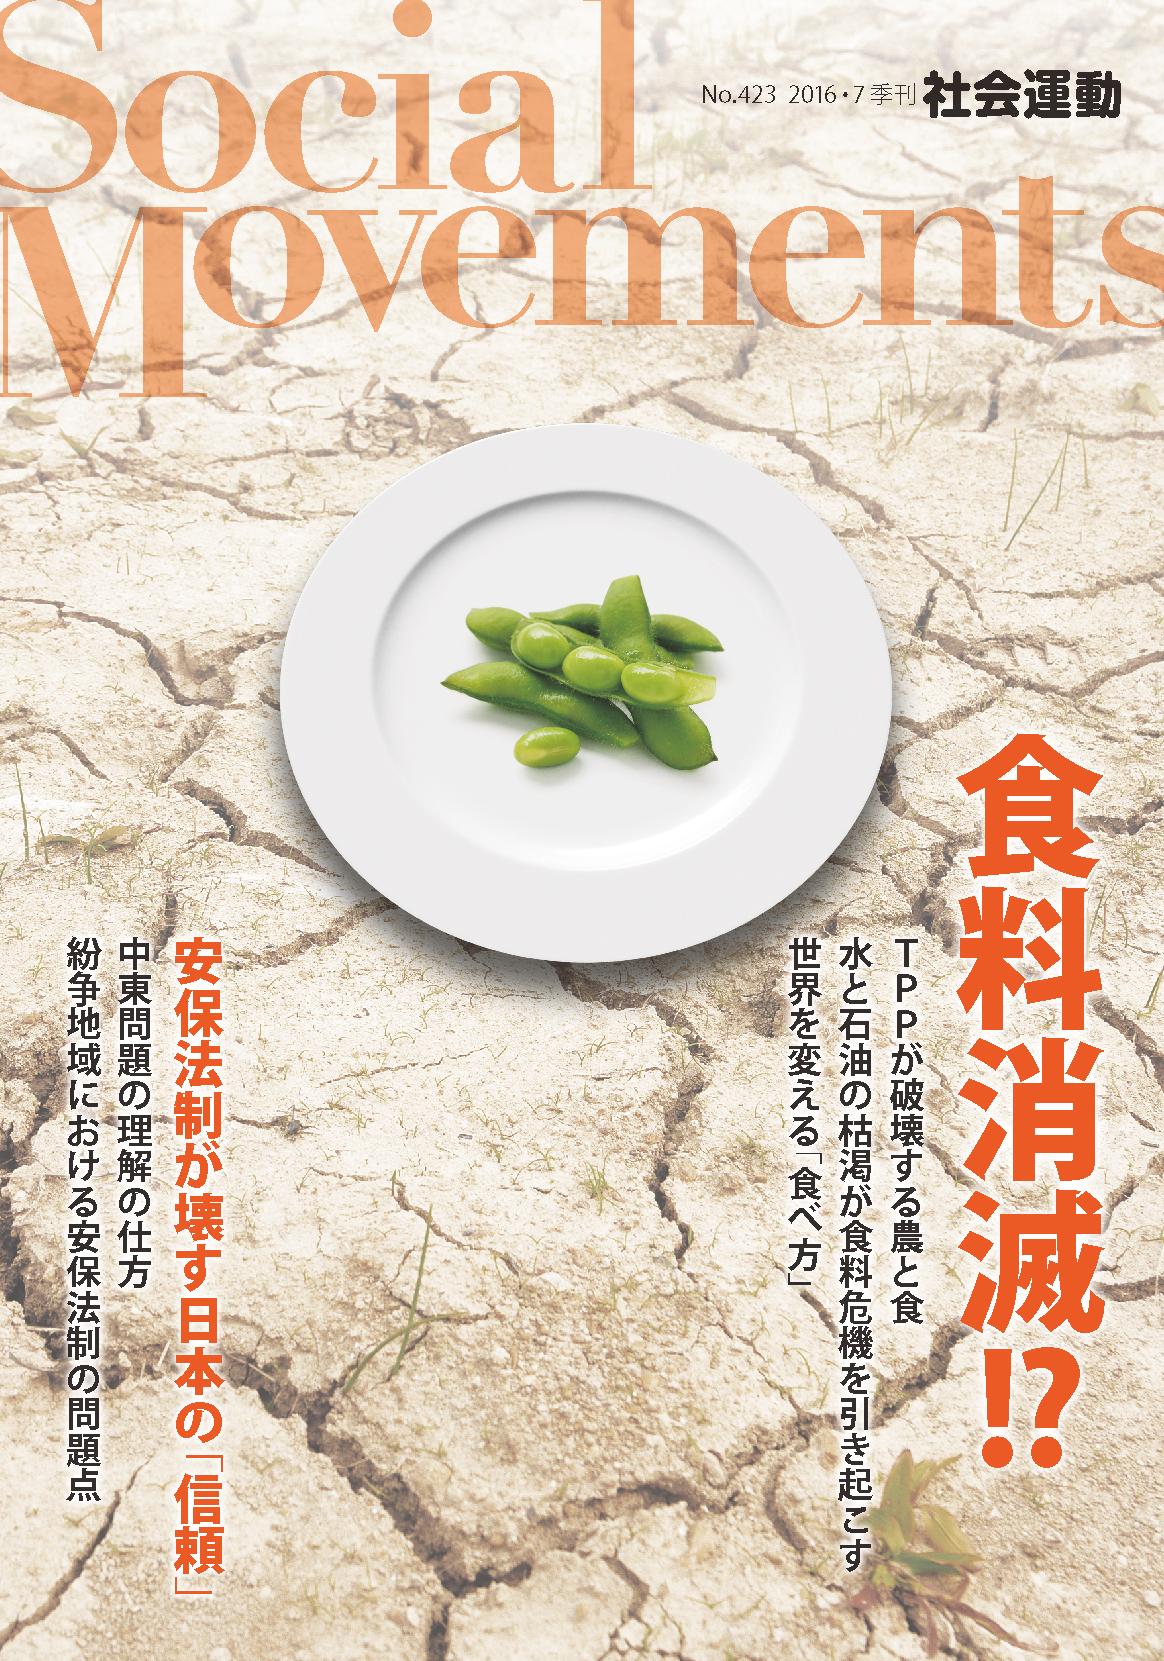 季刊『社会運動』 2016年7月【423号】 特集:食料消滅!?